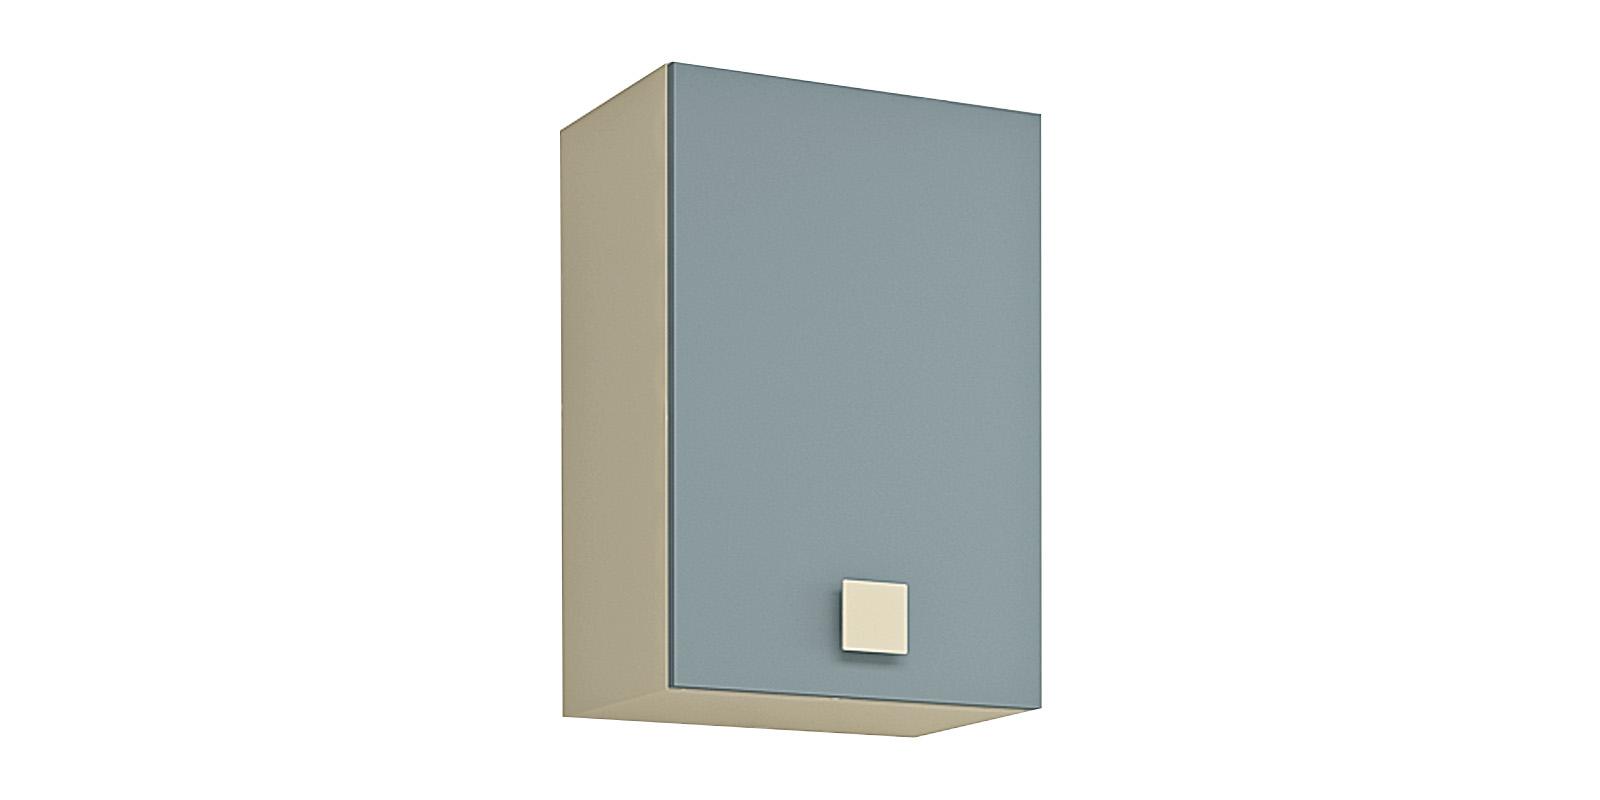 Шкаф навесной Нова (бежевый/голубой)